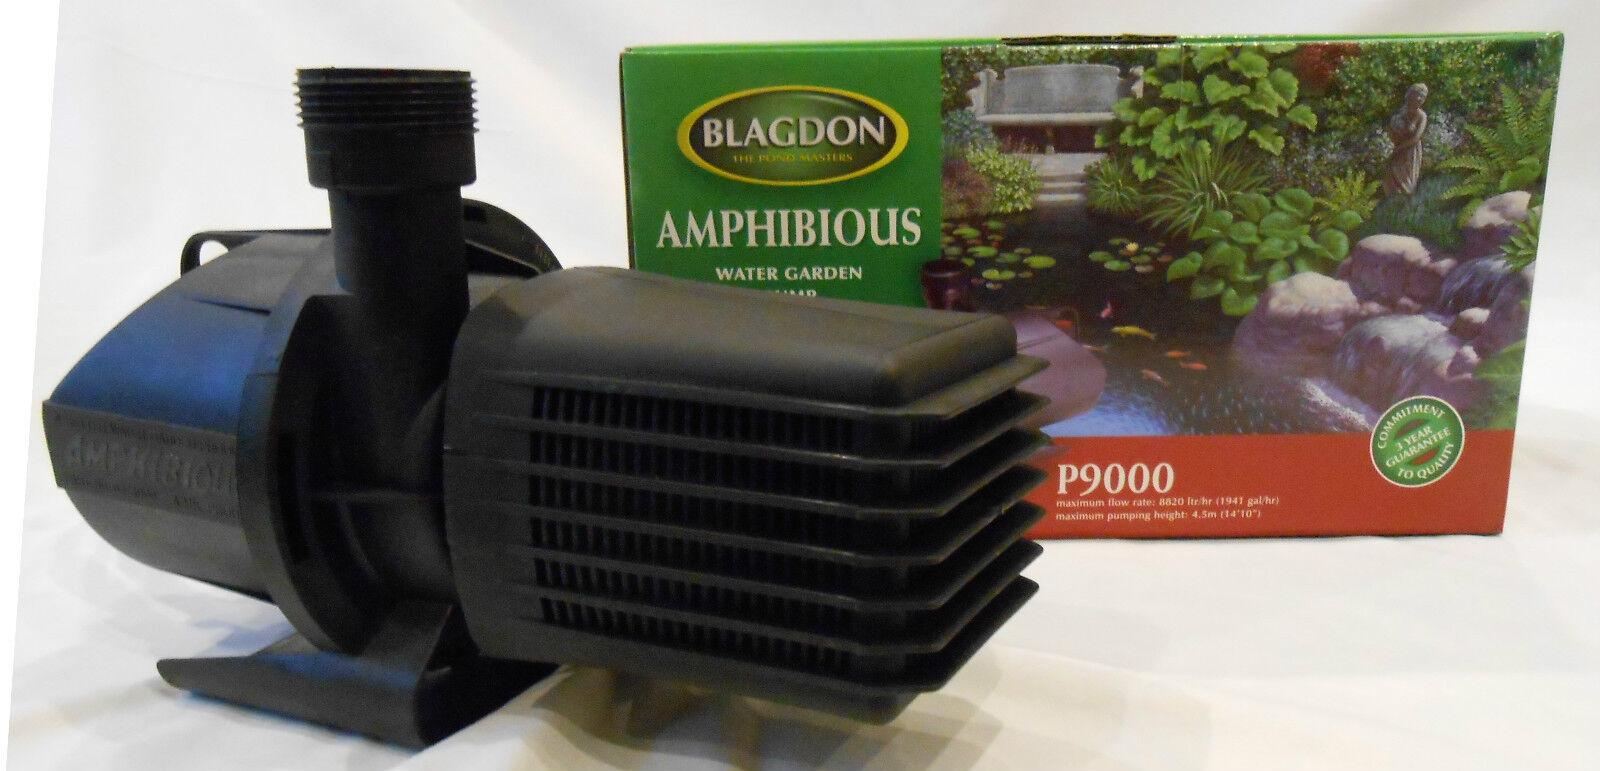 Prezzo di vendita Blagdon ANFIBIO POMPA STAGNO P9000 8820 LT HR per stagno di Koi